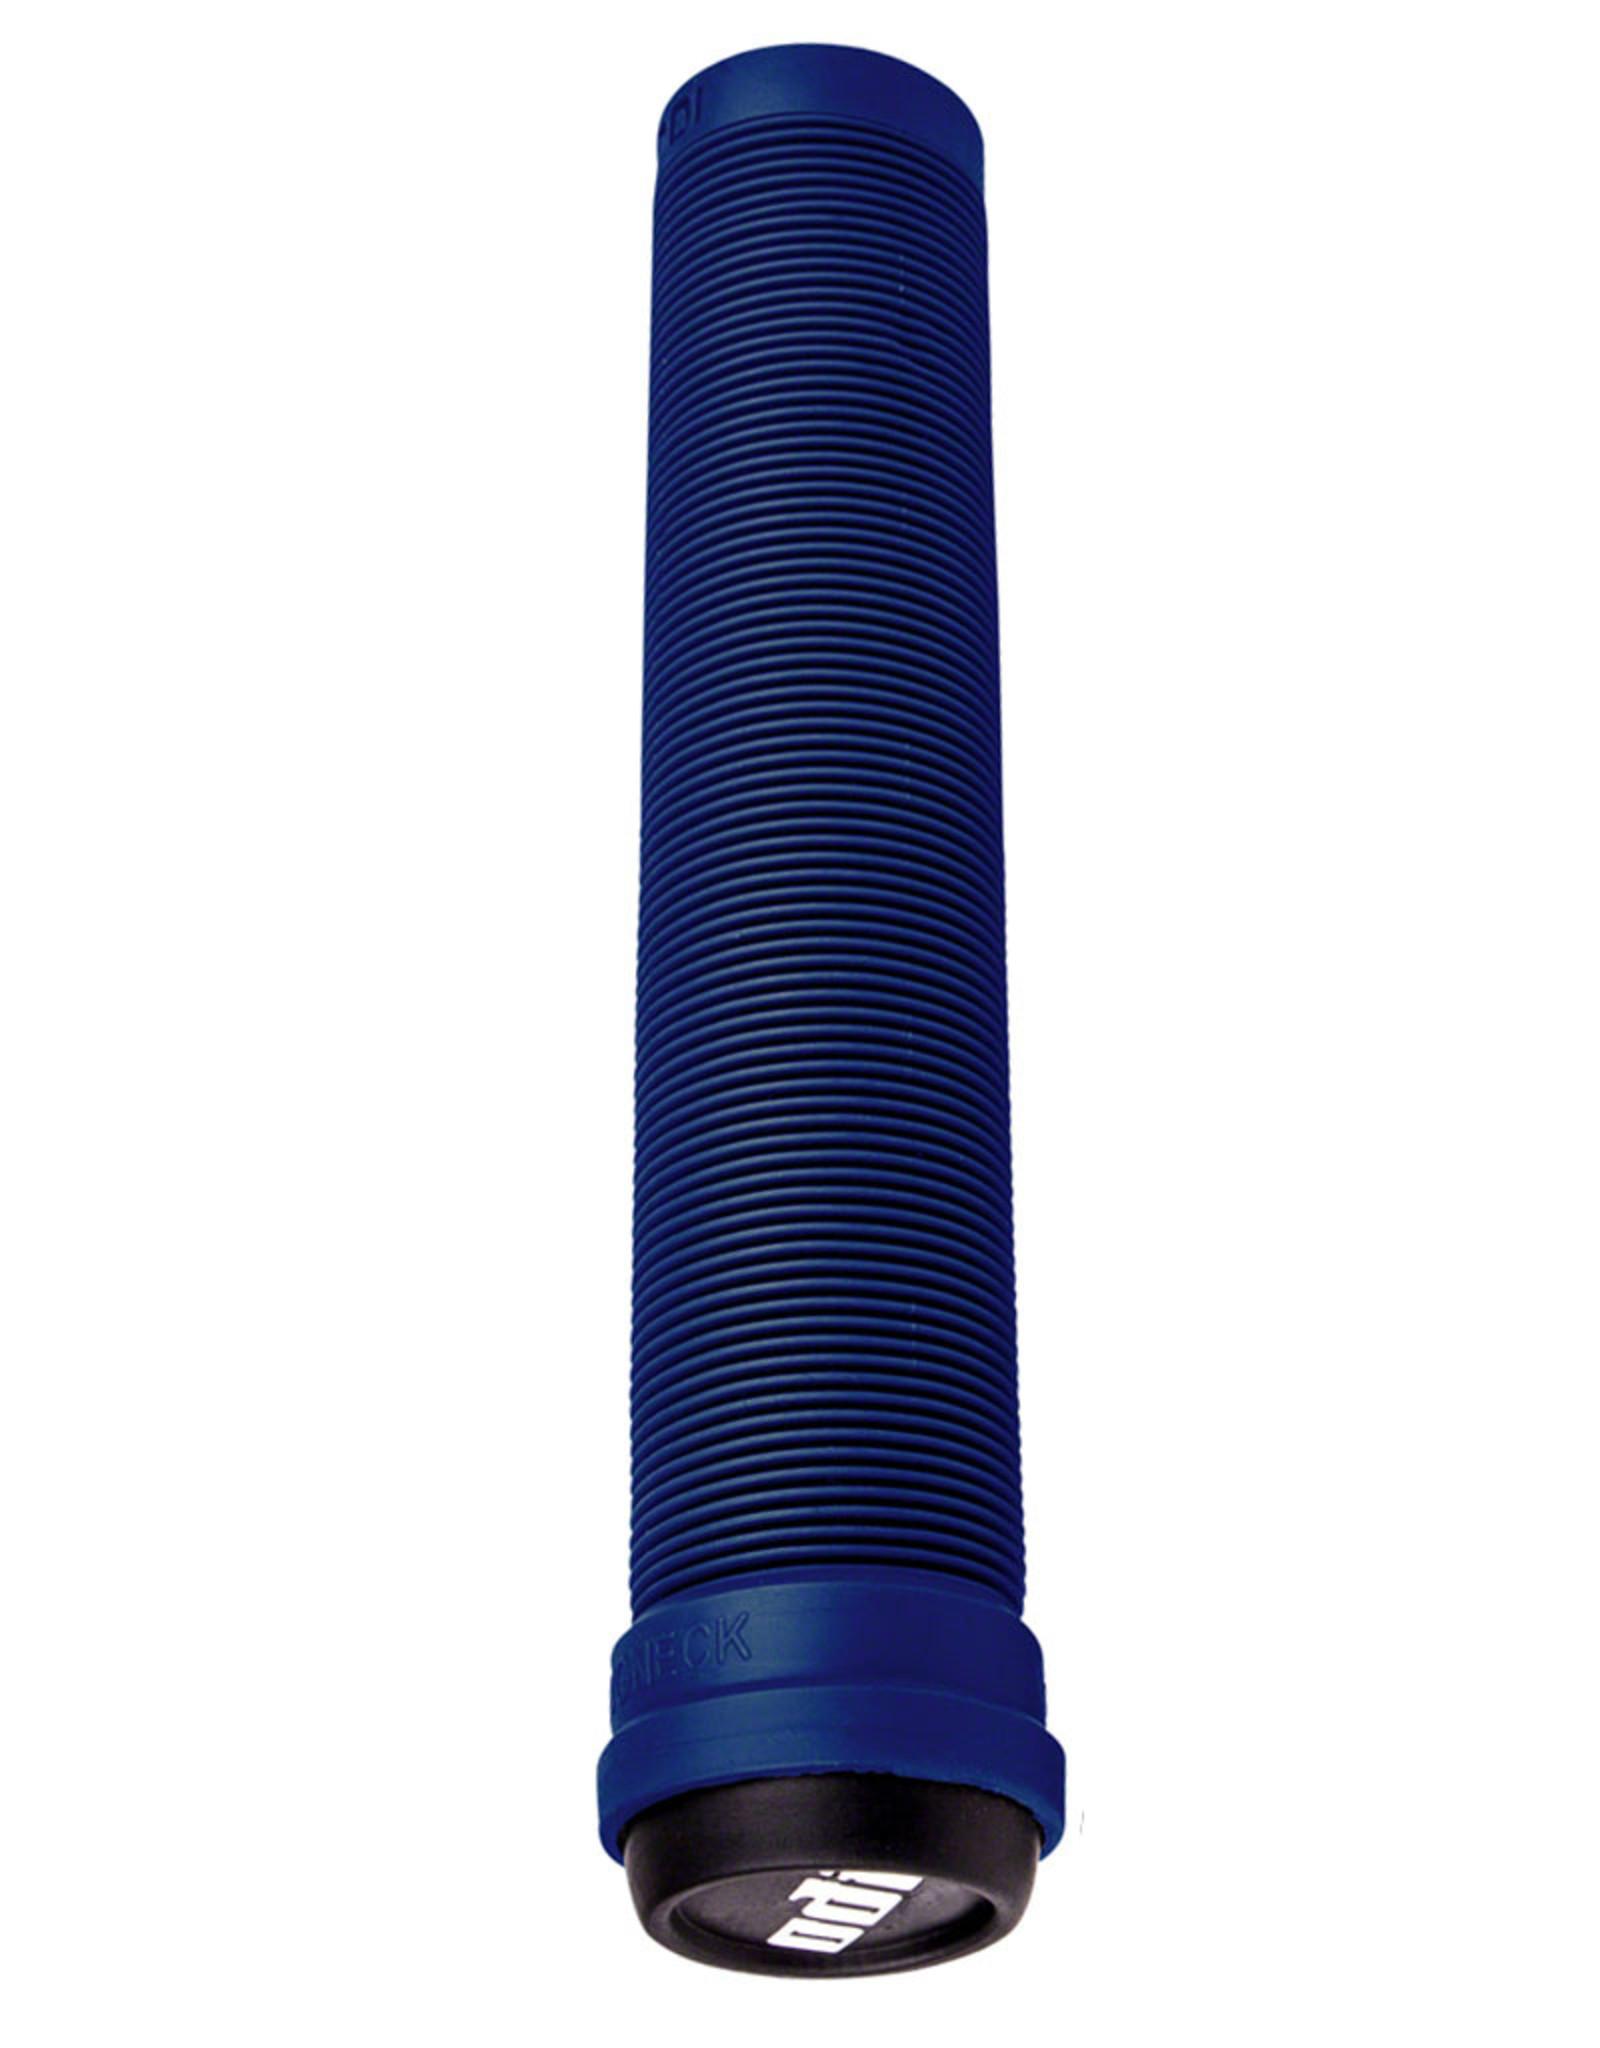 ODI ODI Soft X-Longneck Grips